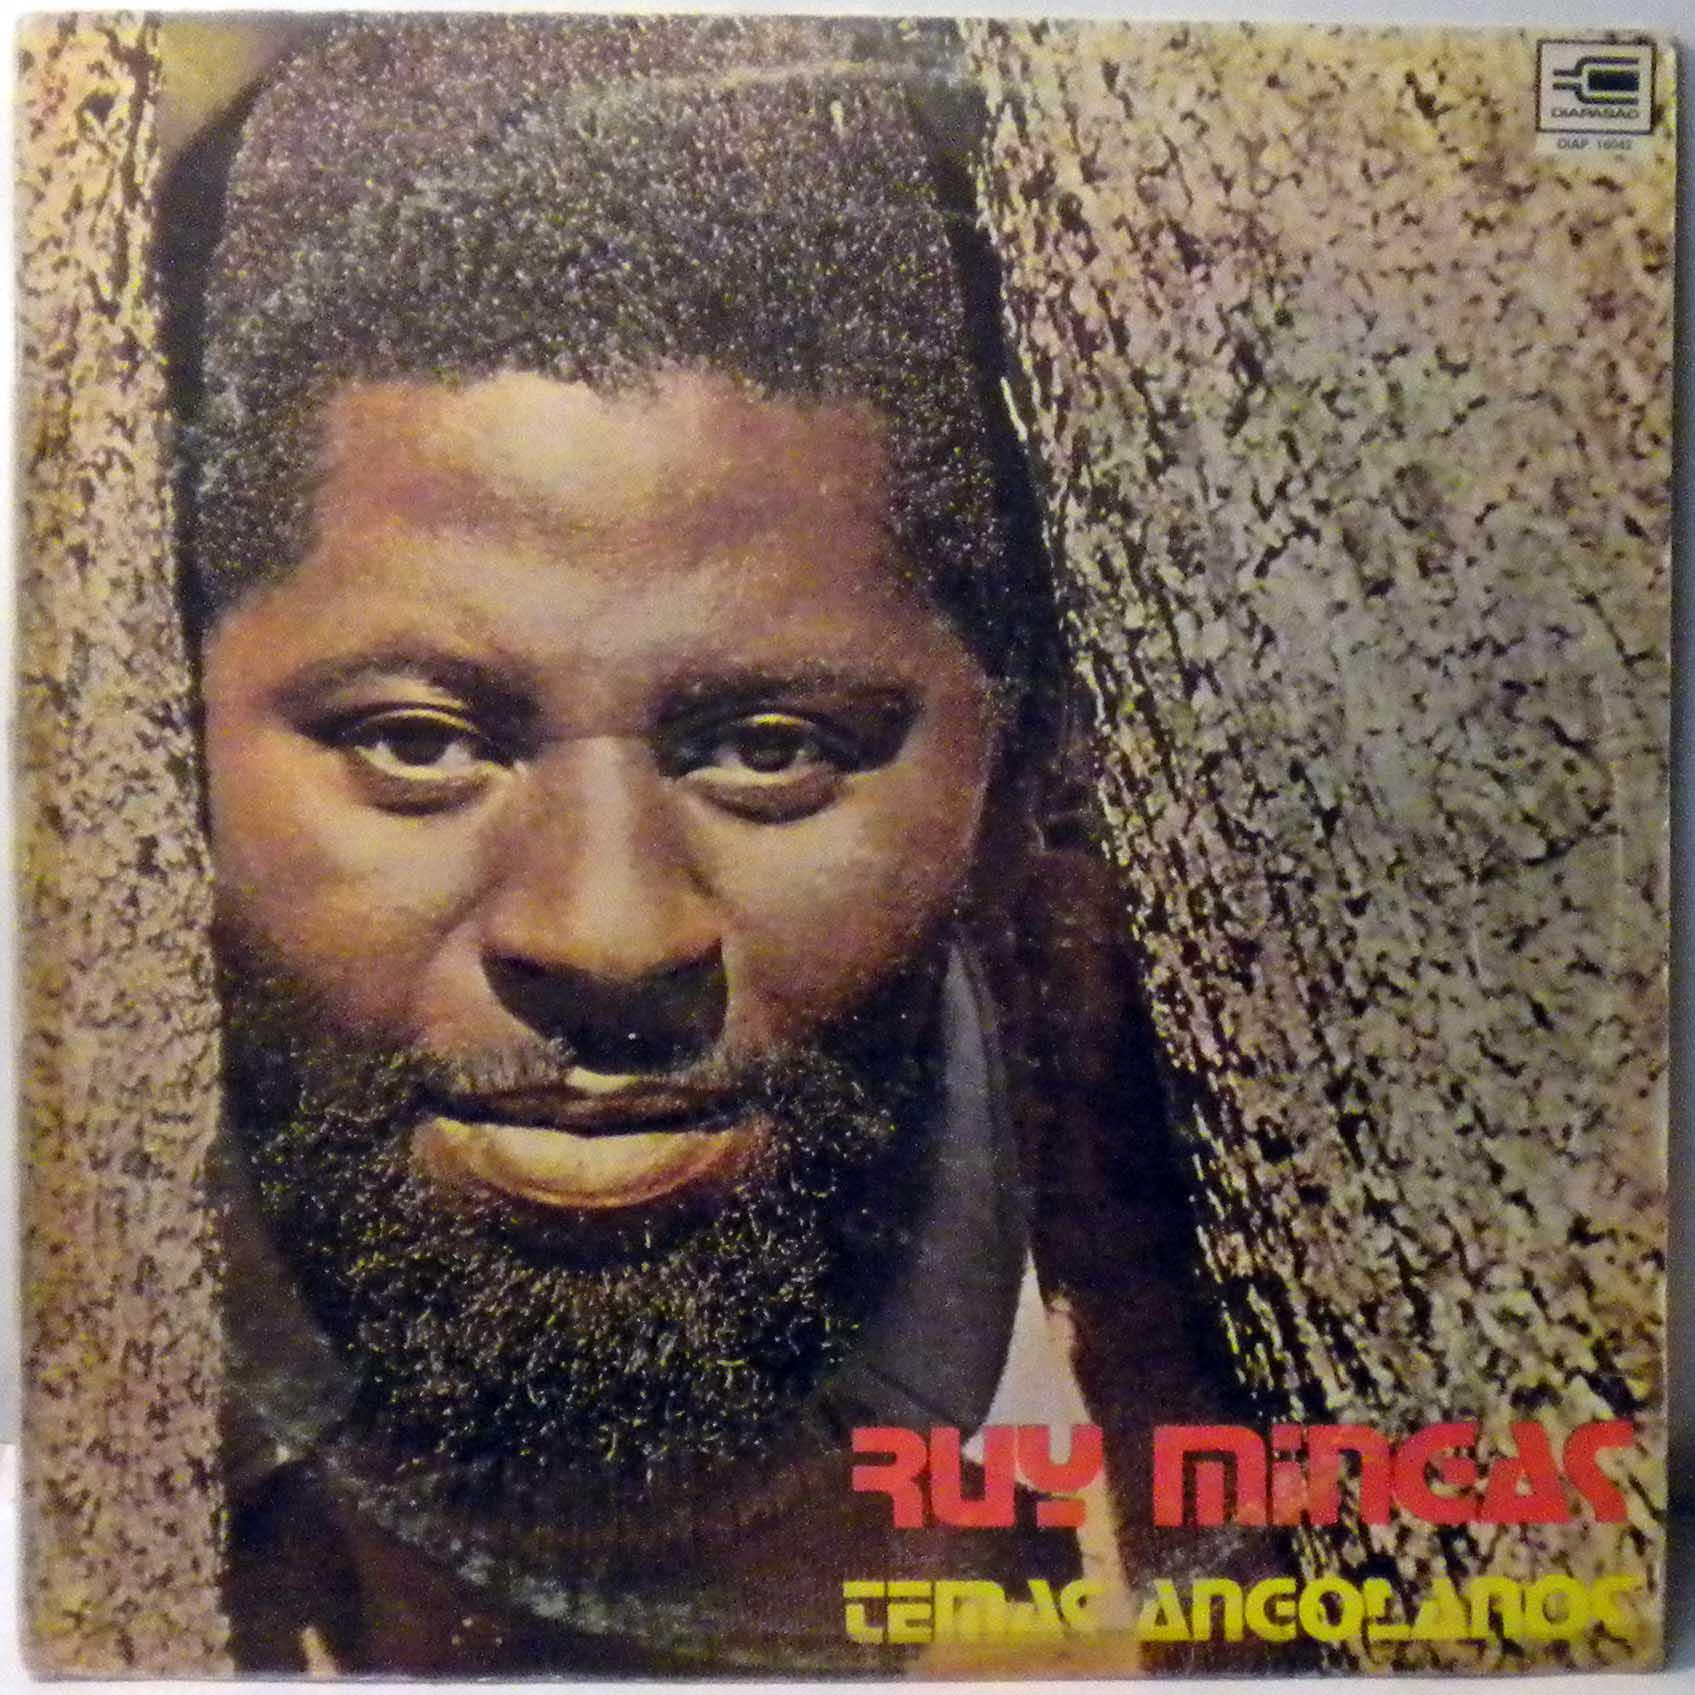 RUY MINGAS - Temas Angolanos - LP